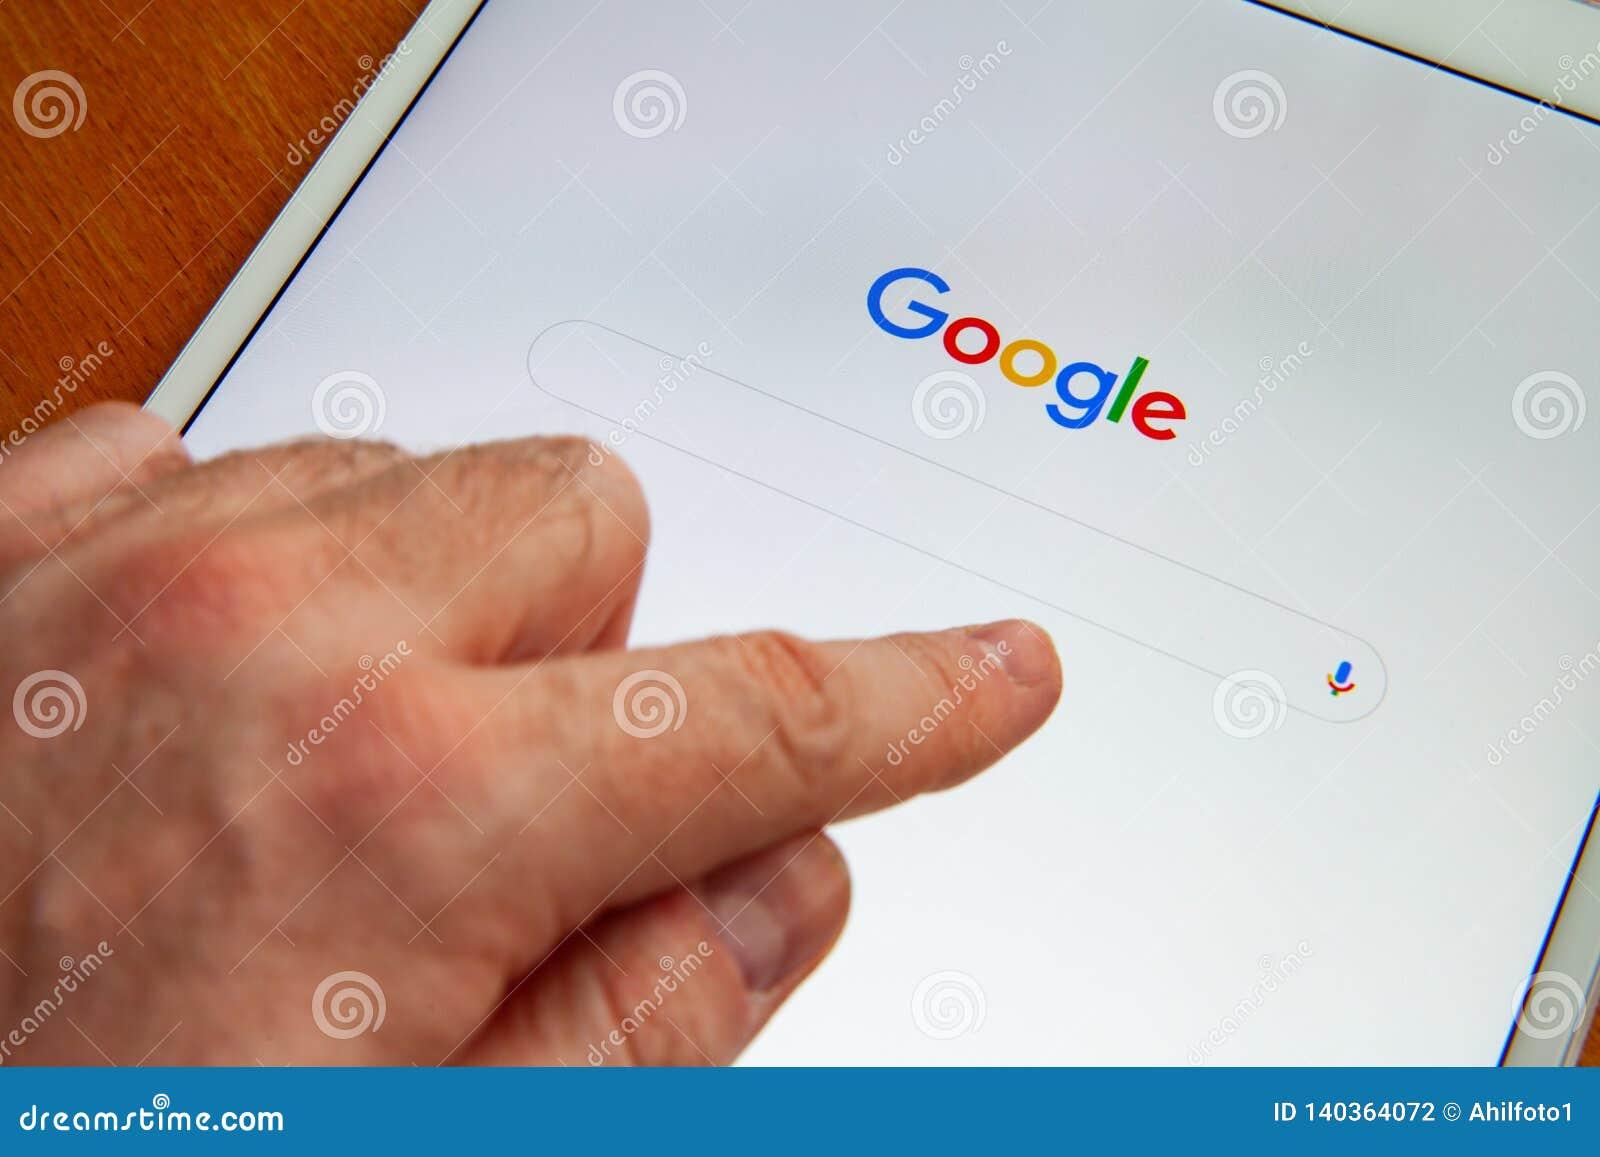 Moskva/Ryssland - Februari 25, 2019: Vit ipad ligger på tabellen Google söker skärmen